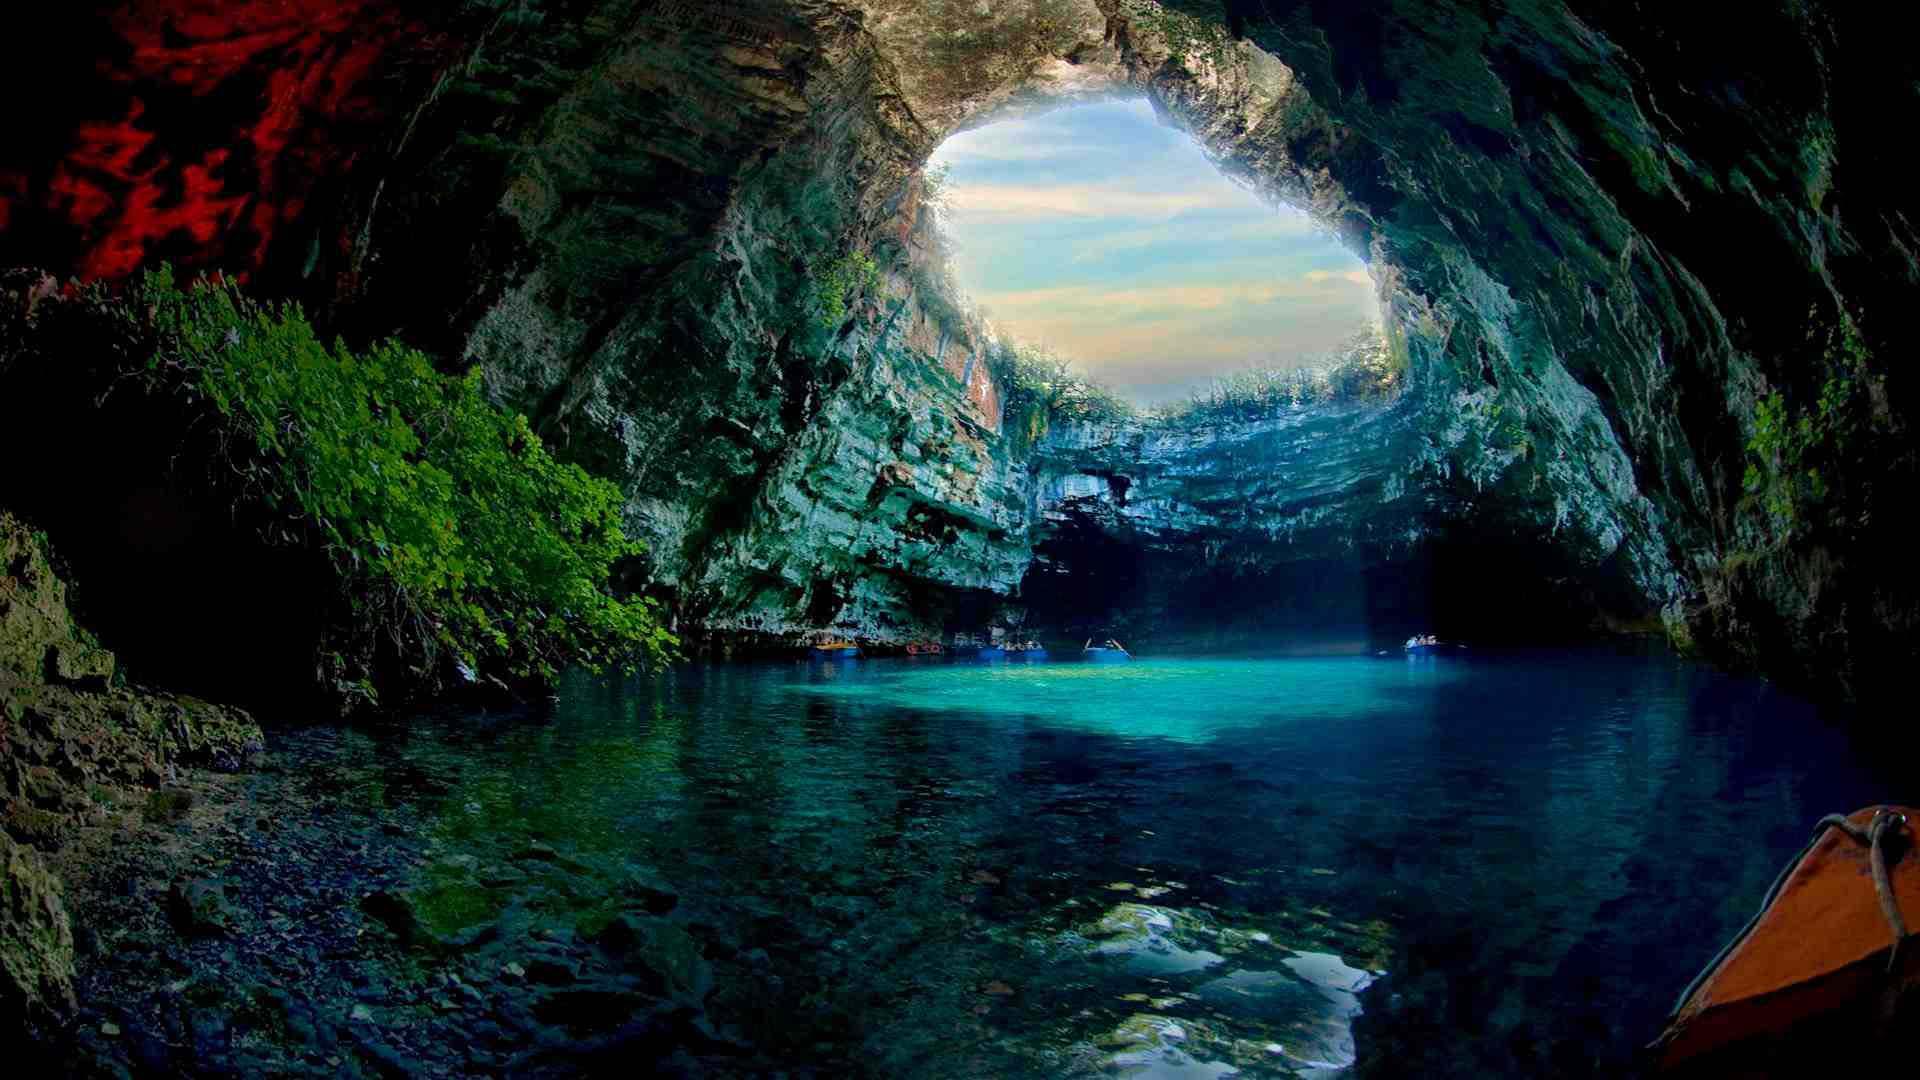 Ảnh nền thiên nhiên tuyệt đẹp full hd